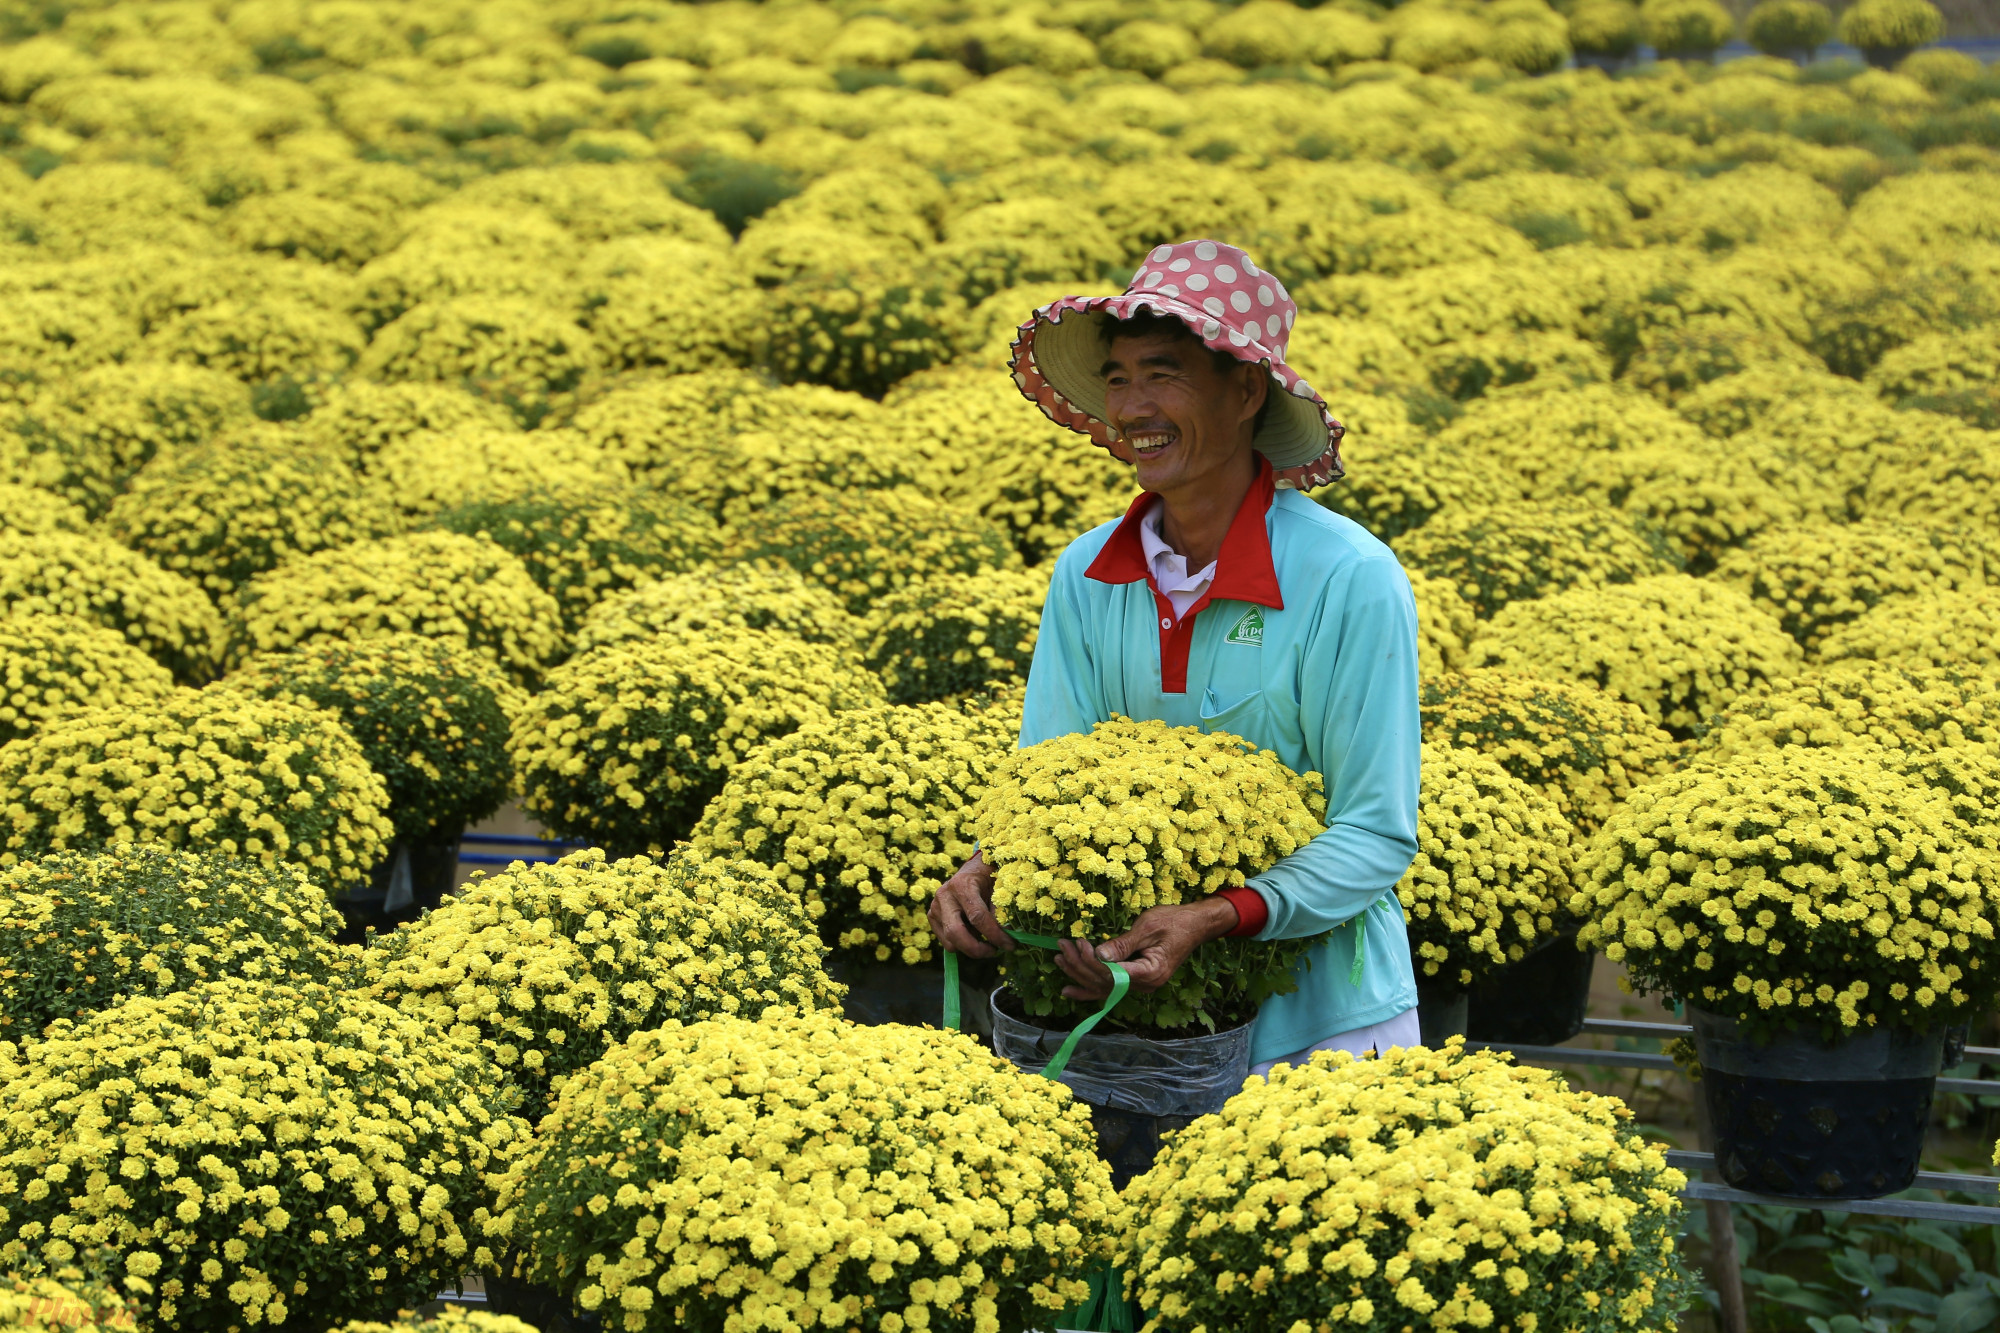 Ngoài khu vực làng hoa được quy hoạch để du lịch, du khách có thể men theo tỉnh lộ 581, hướng Sa Đéc đi Cao Lãnh để chụp ảnh cùng những ruộng cúc mâm xôi khổng lồ, có màu vàng rực bắt mắt.